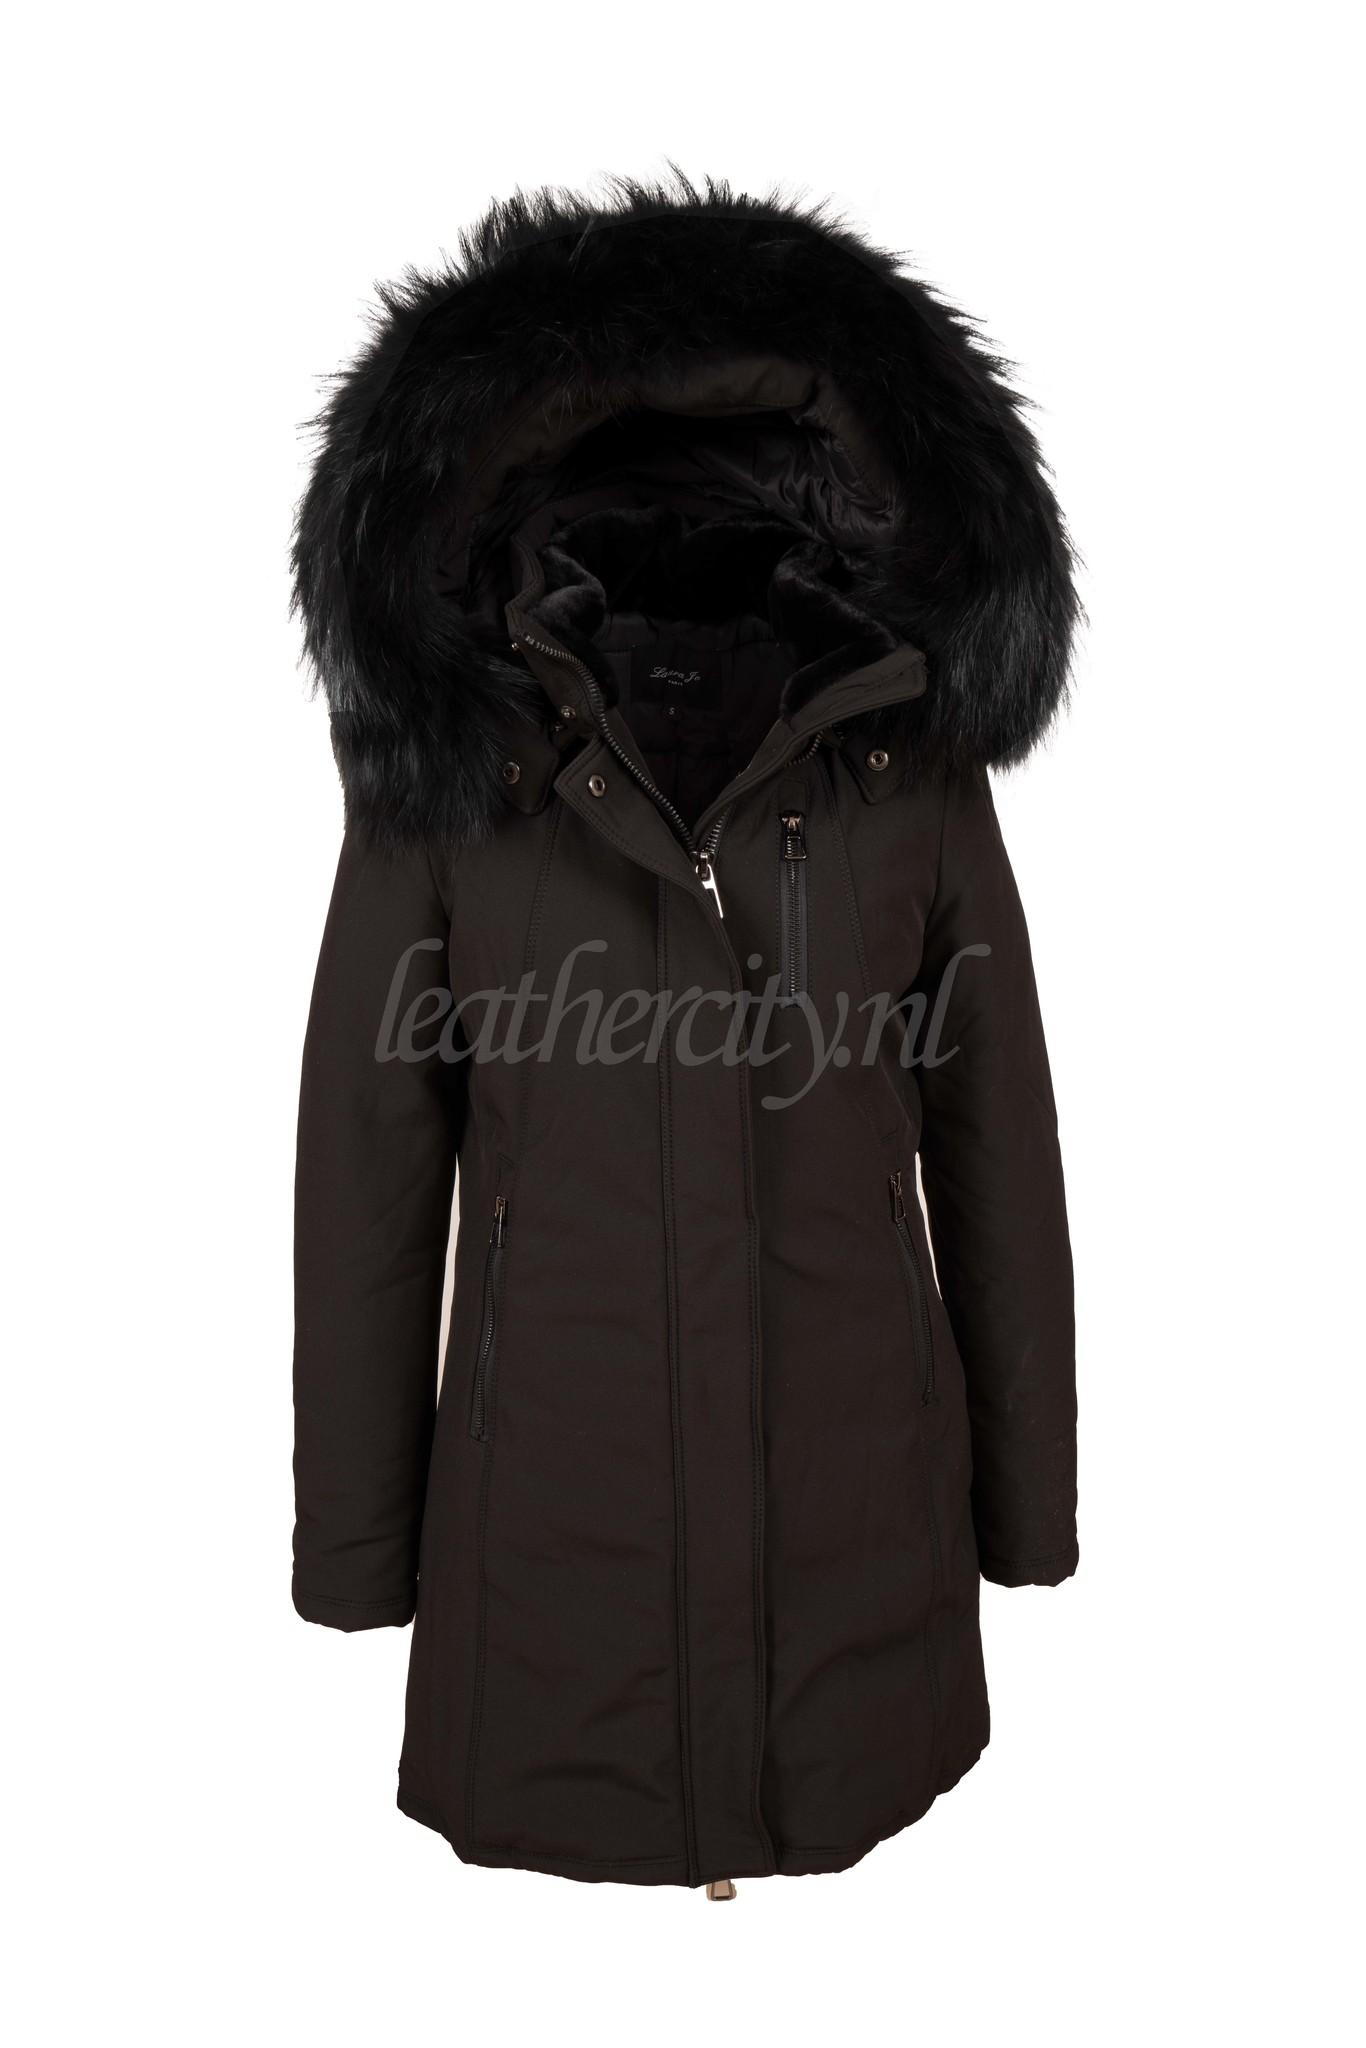 Dames winterjas softshell met groot zwarte bont